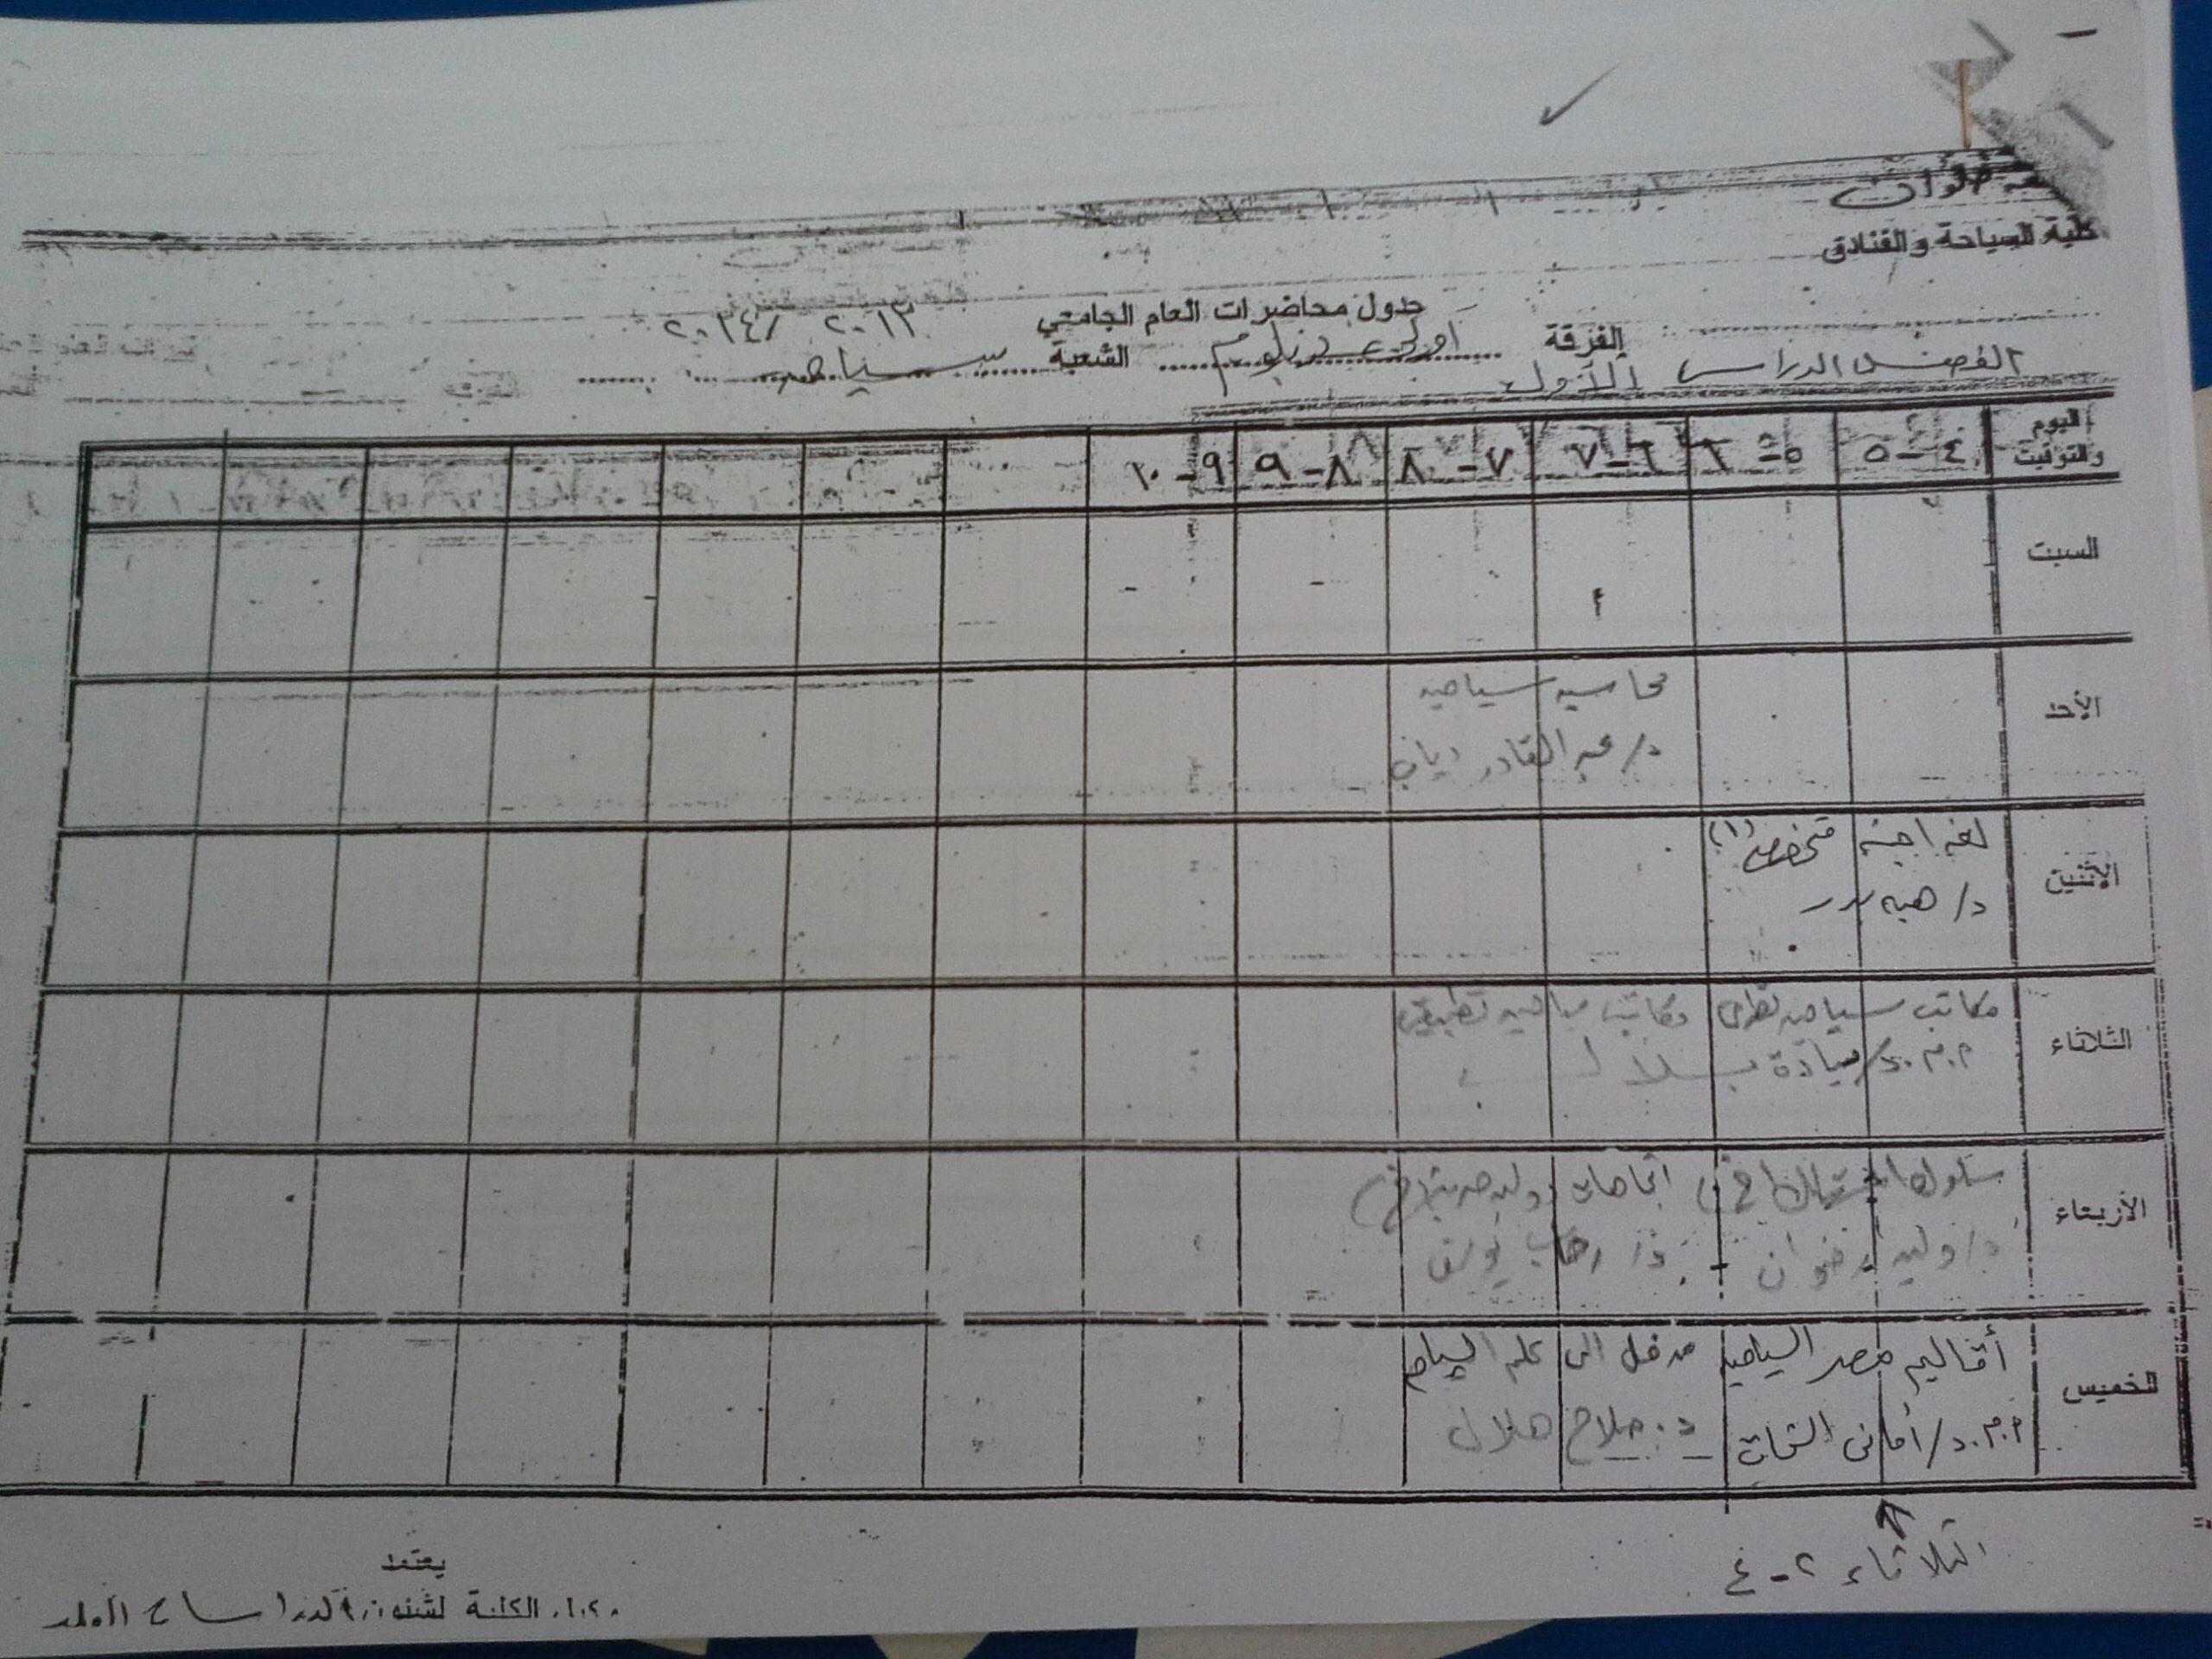 جدول دبلوم دراسات عليا